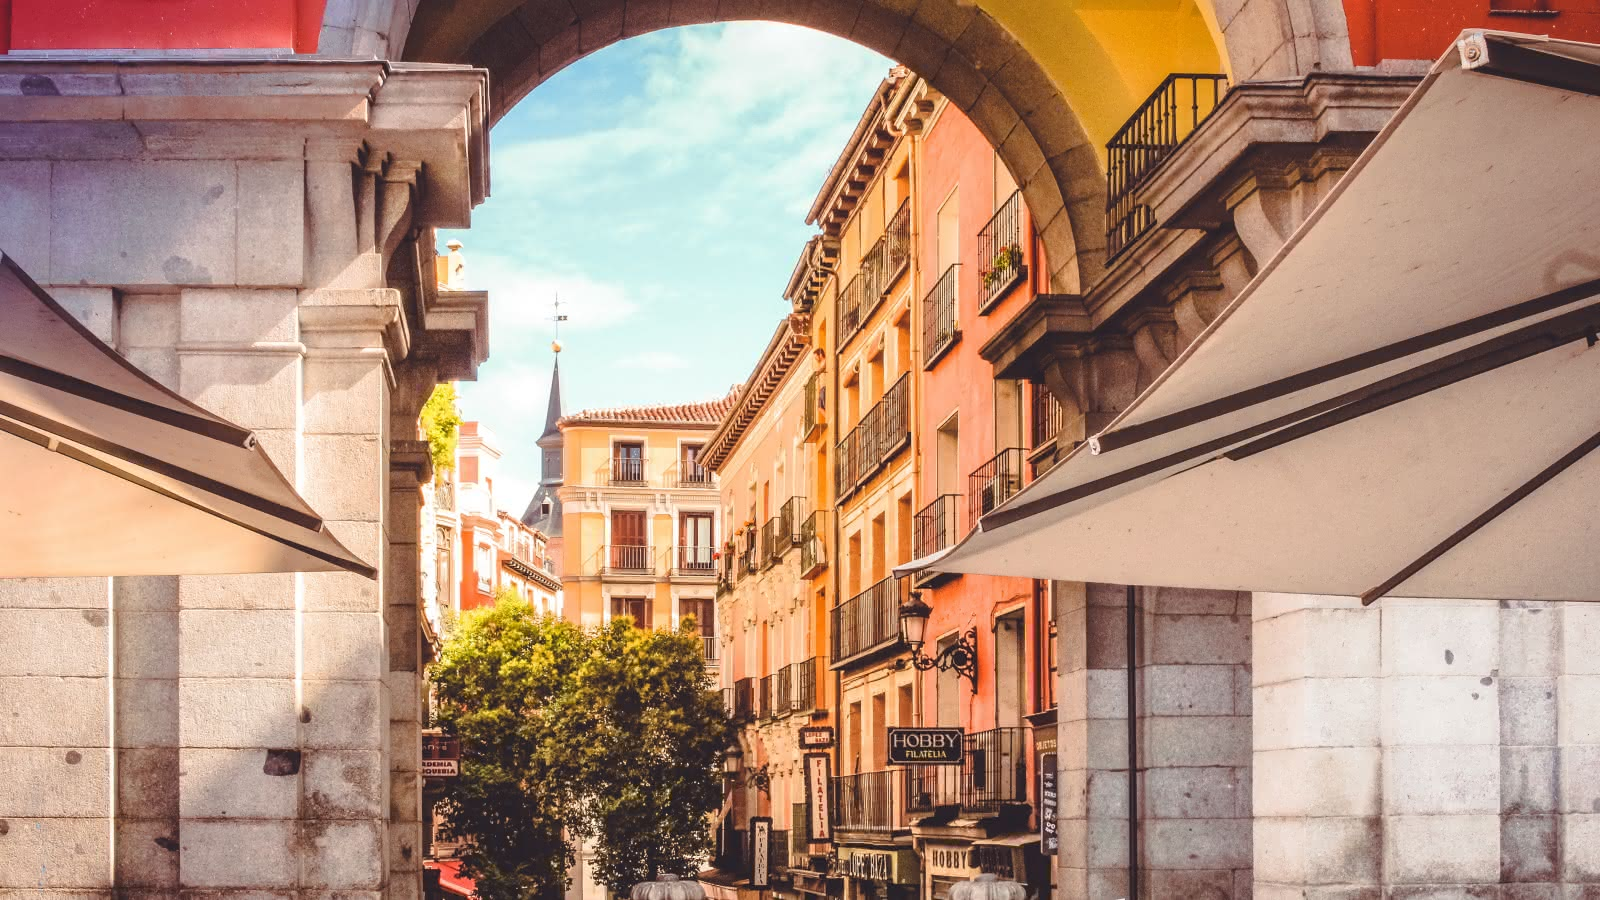 Descubriendo Madrid con el Free Tour de SANDEMANs